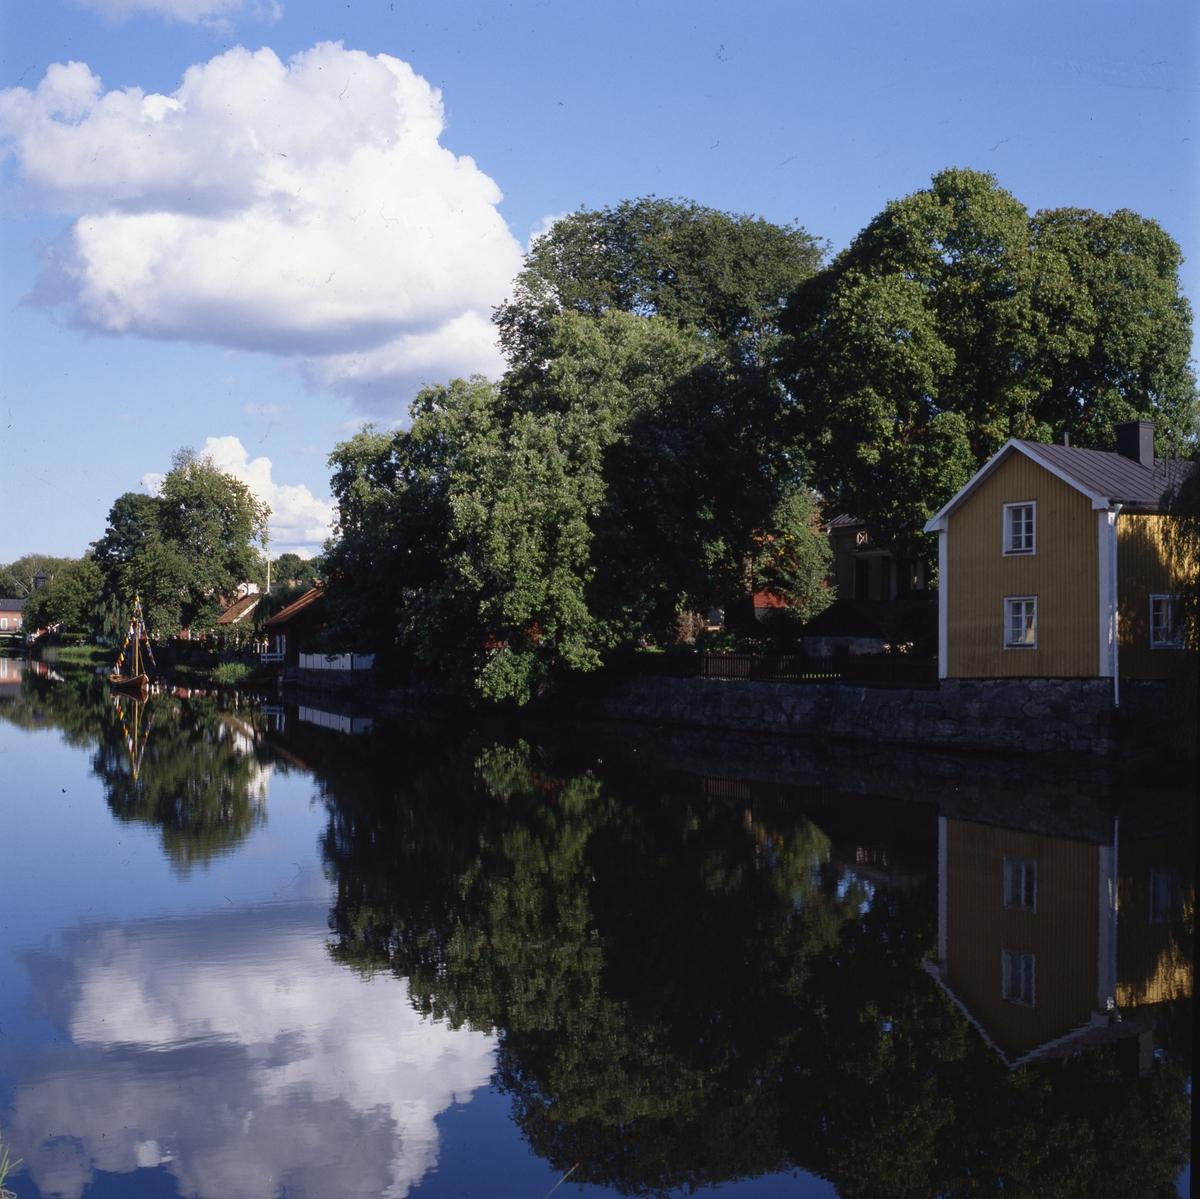 Ågårdar på Storgatan, Arbogaåns södra sida. Längst bort i bild syns Arboga Elektricitetsverk.